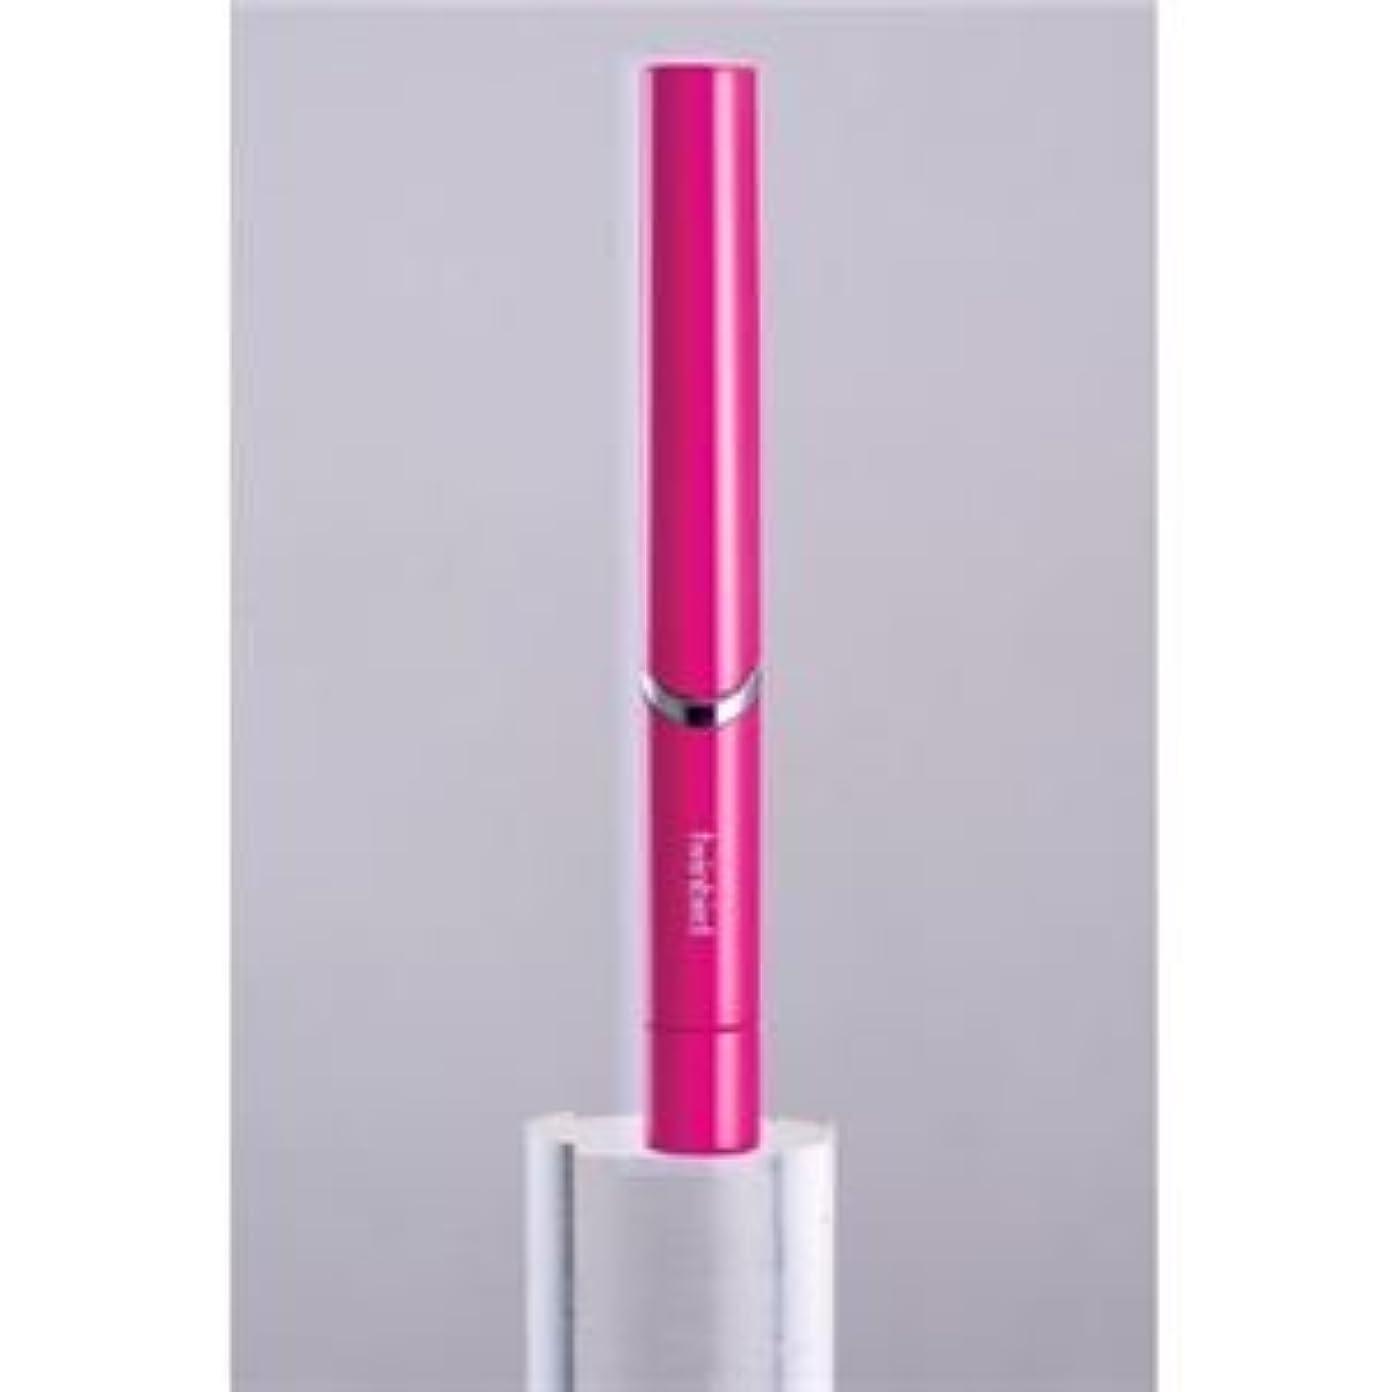 ハムボルトスクリュー(まとめ)ツインバード 音波振動式歯ブラシ ピンク BD-2741P【×3セット】